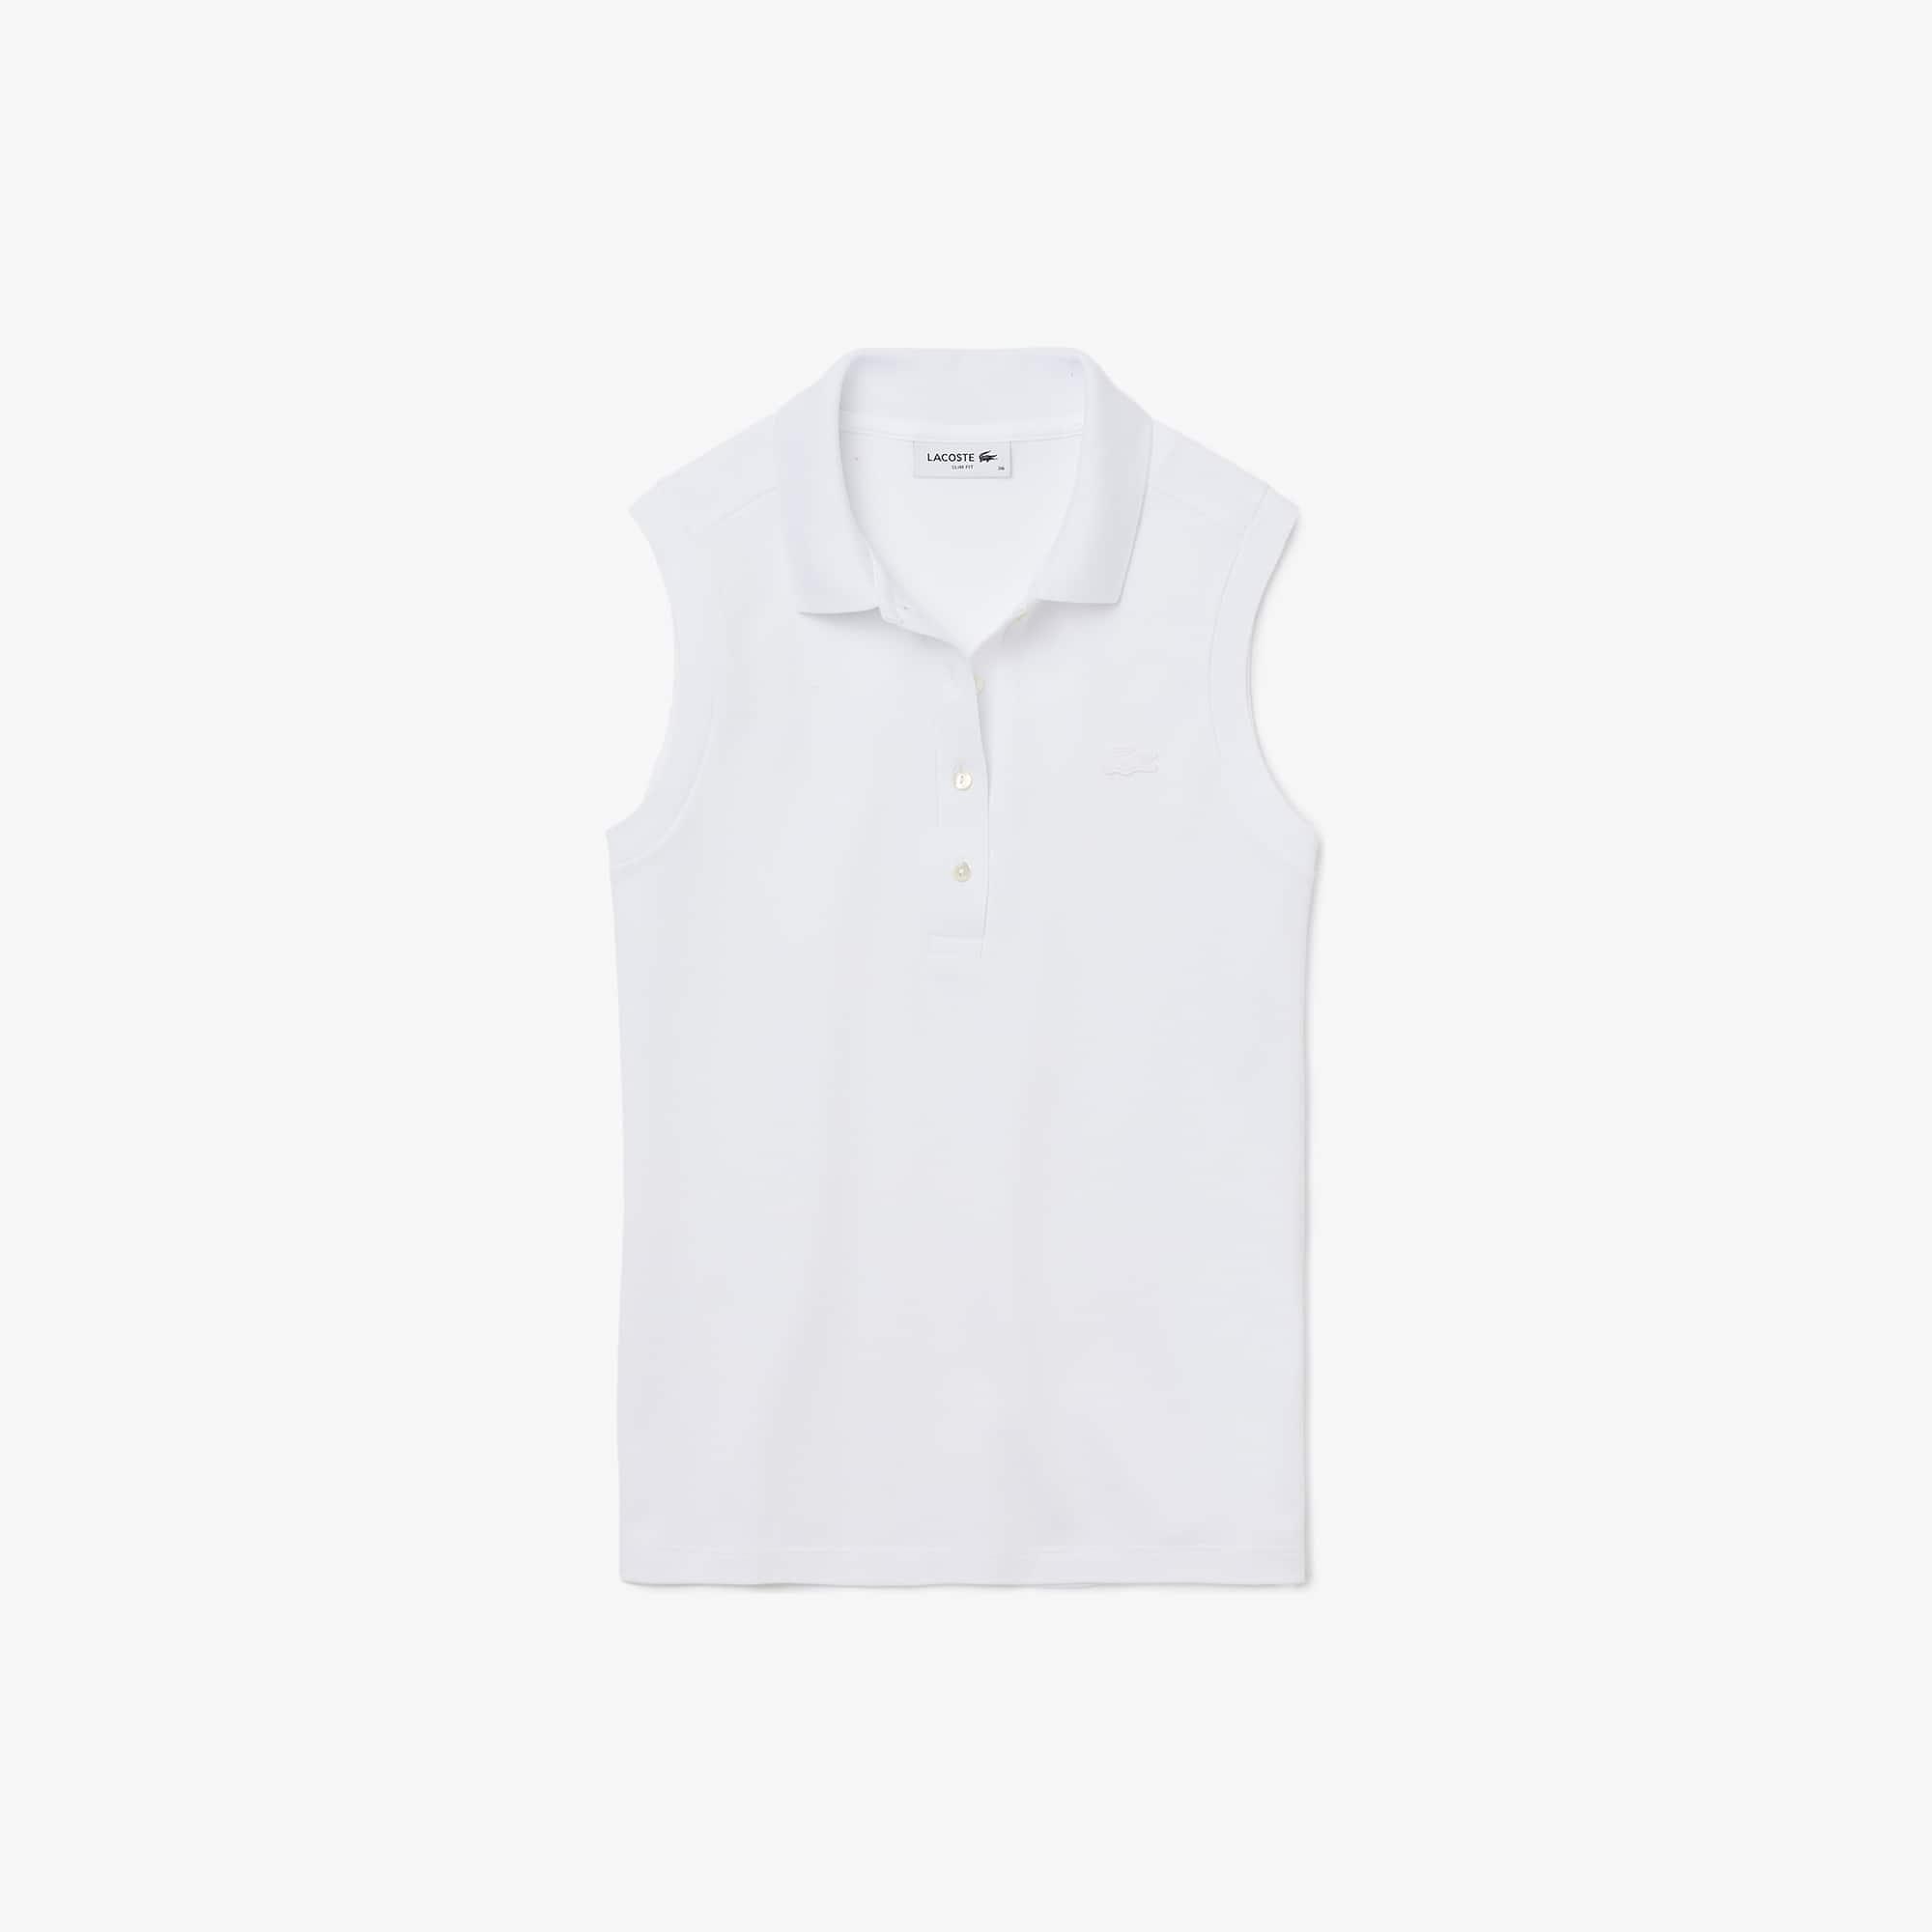 Ärmelloses Damen LACOSTE Poloshirt aus Baumwoll-Piqué